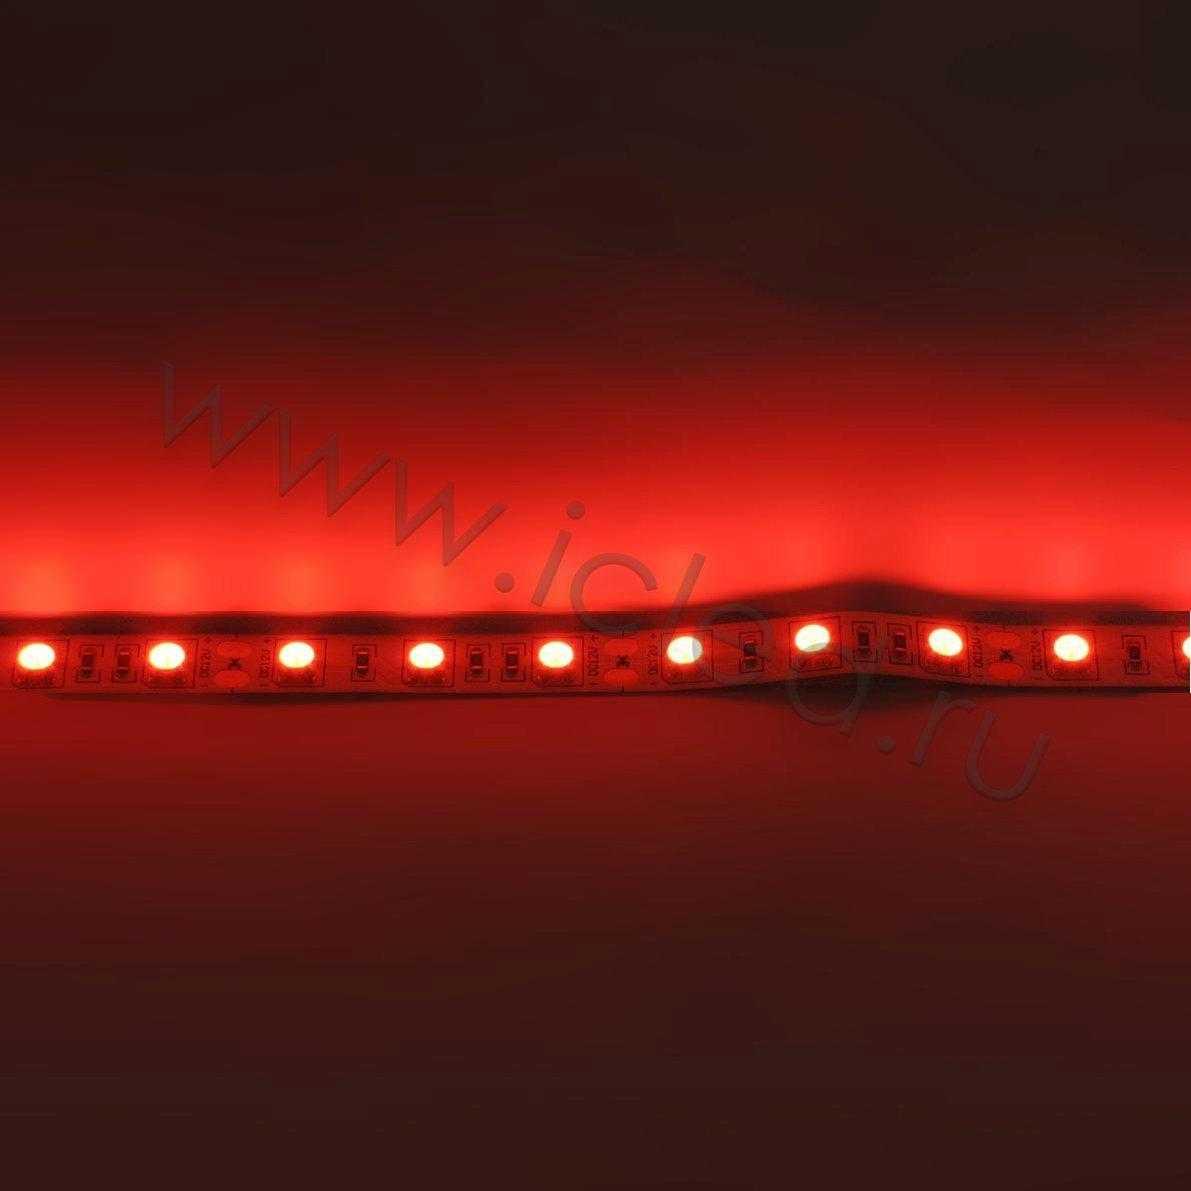 Светодиодная лента Class B, 5050, 60led/m, Red, 12V, IP33